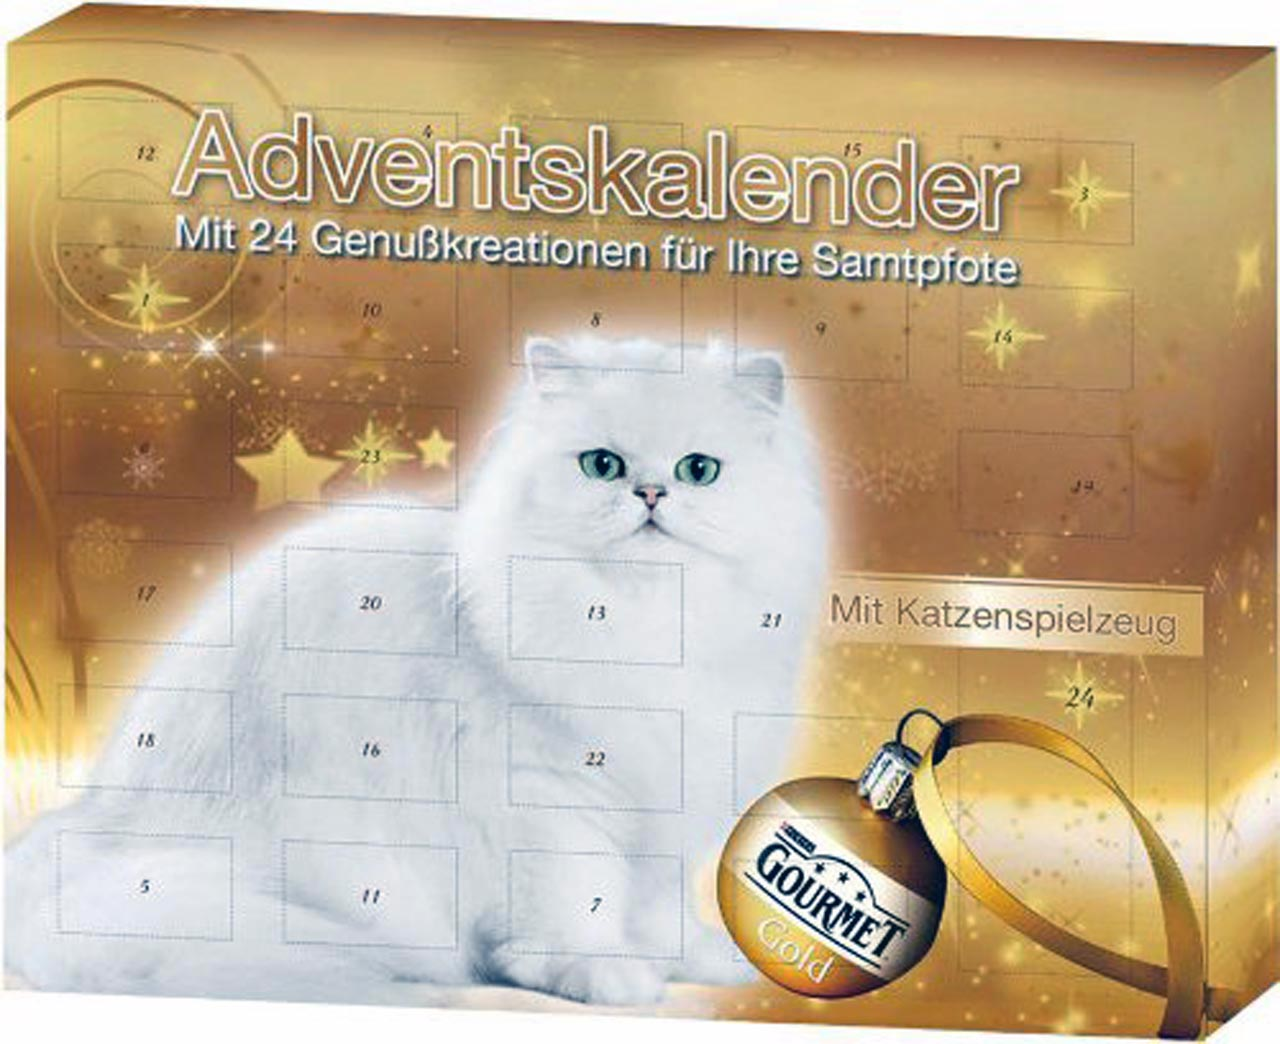 Weihnachtskalender Für Hunde.Schöne Adventskalender Für Hunde Und Katzen Technik Nerds